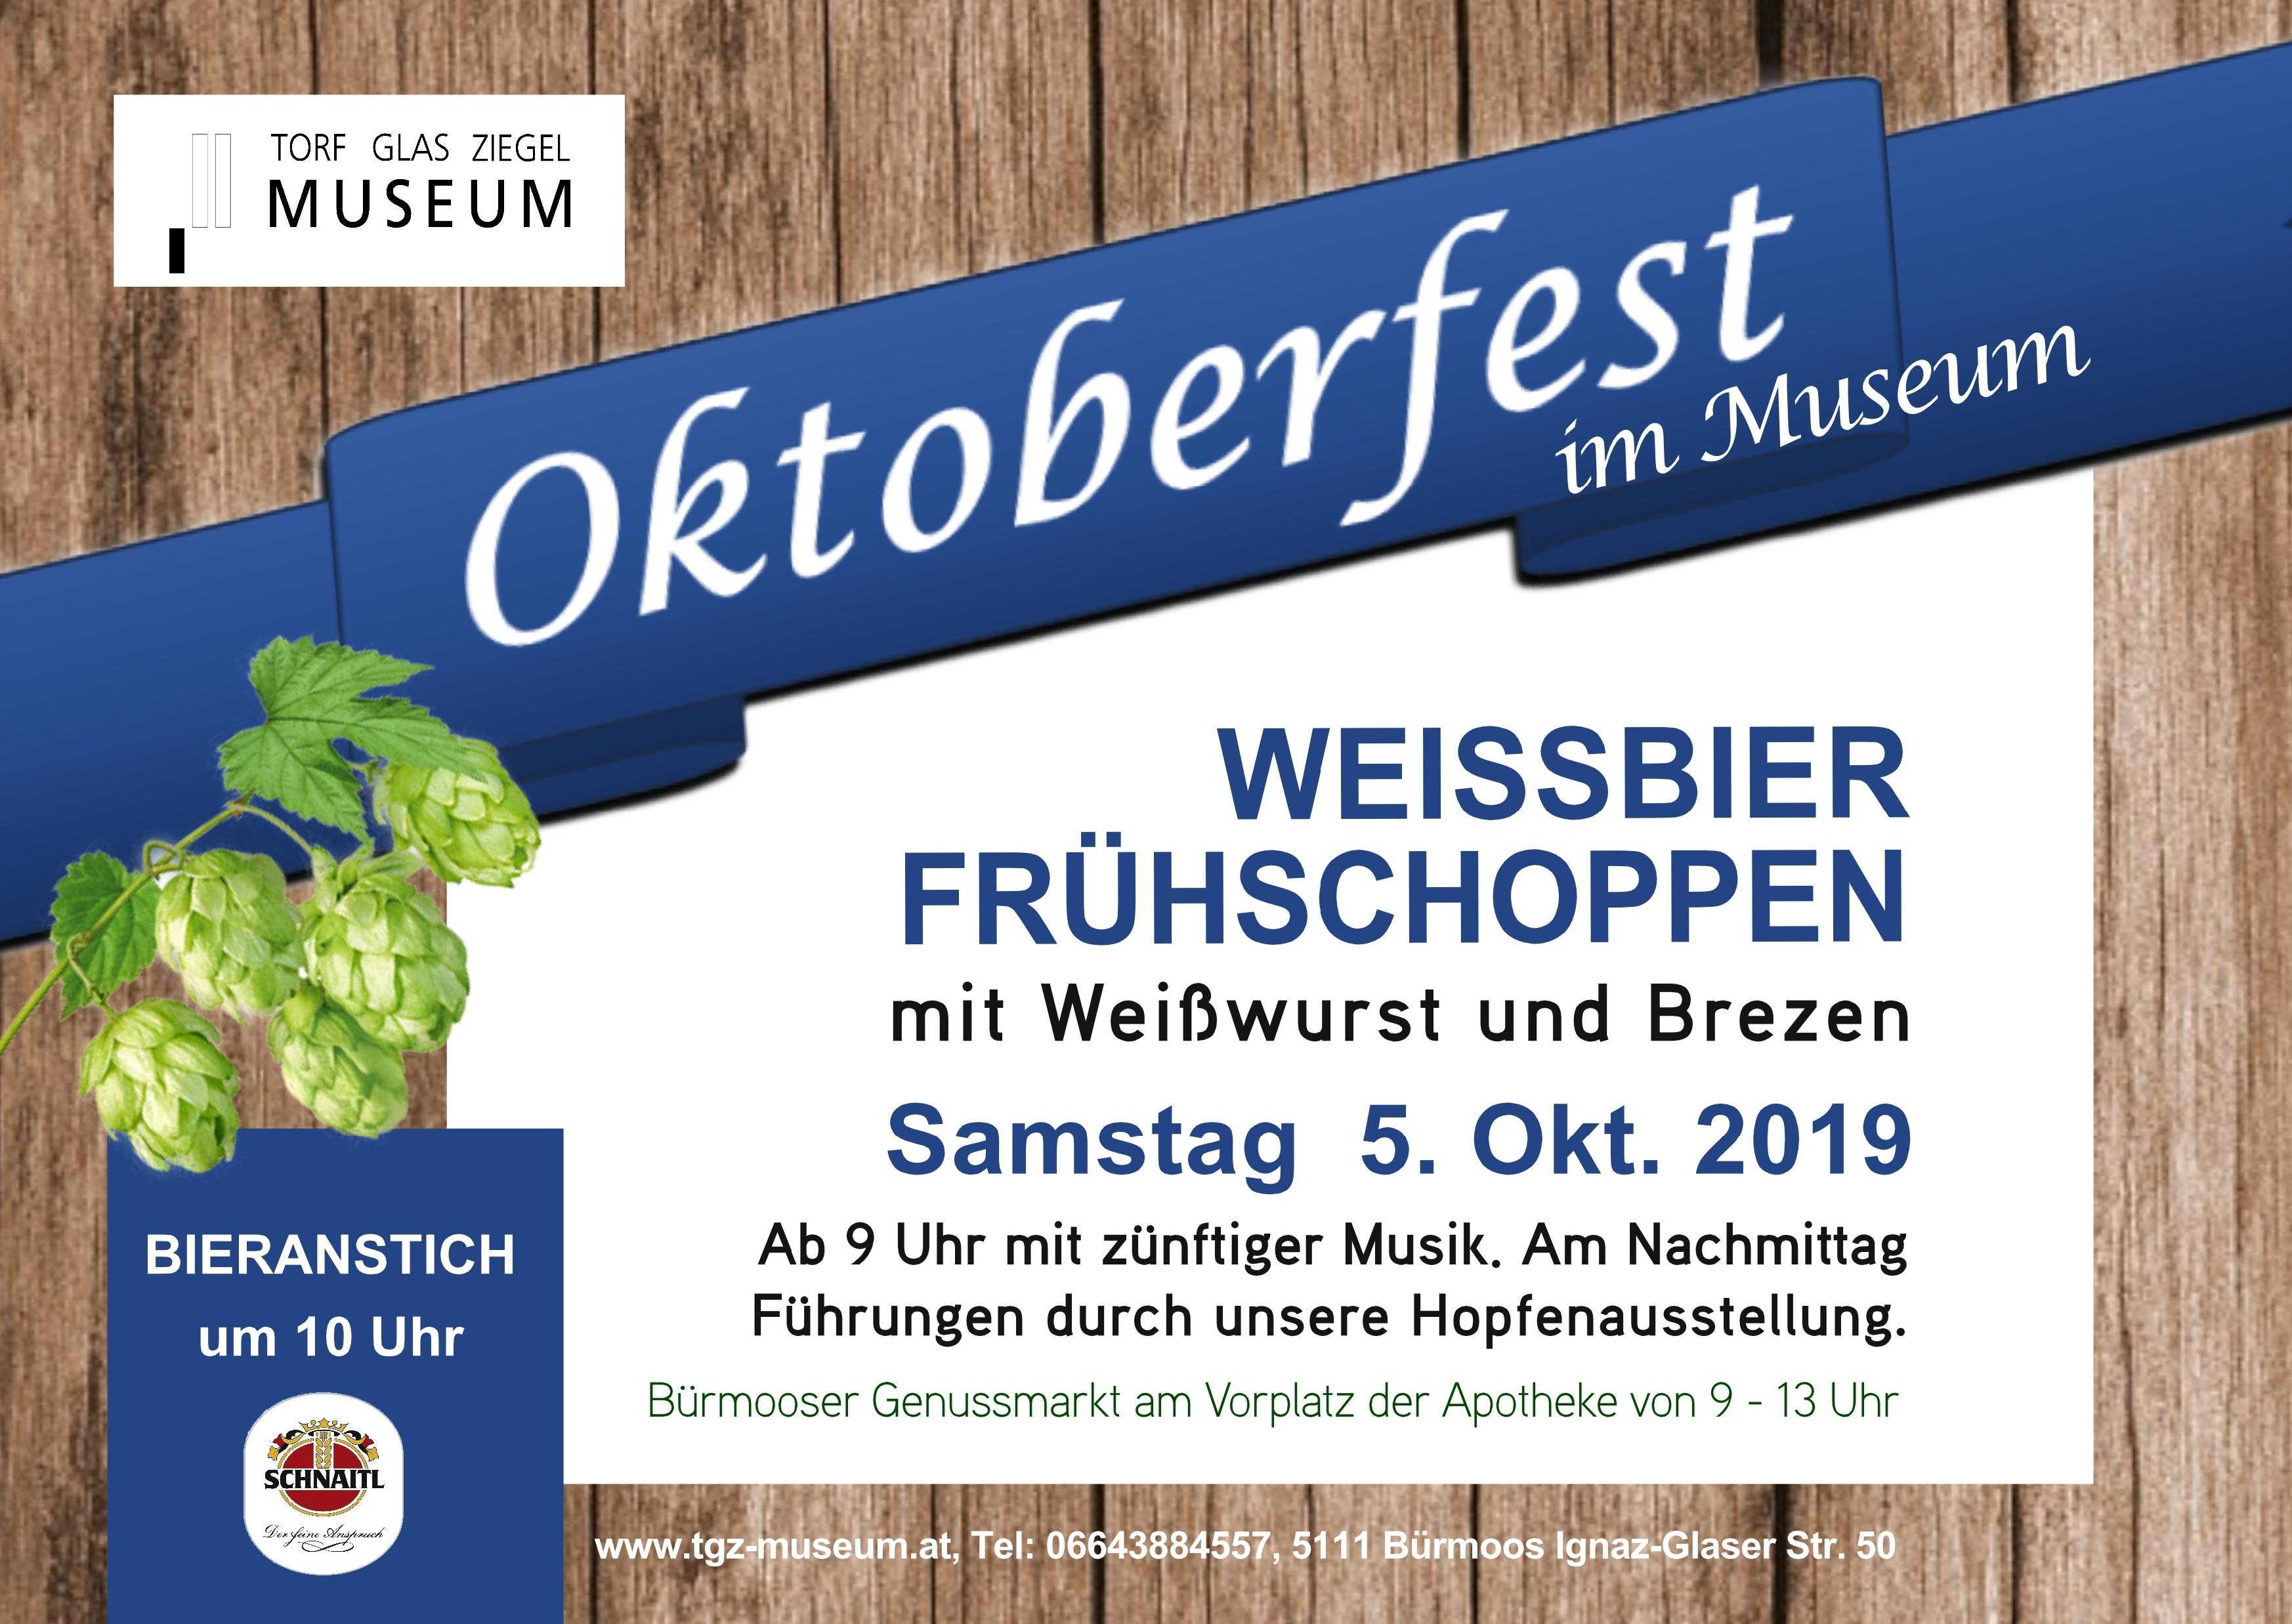 Oktoberfest im Museum